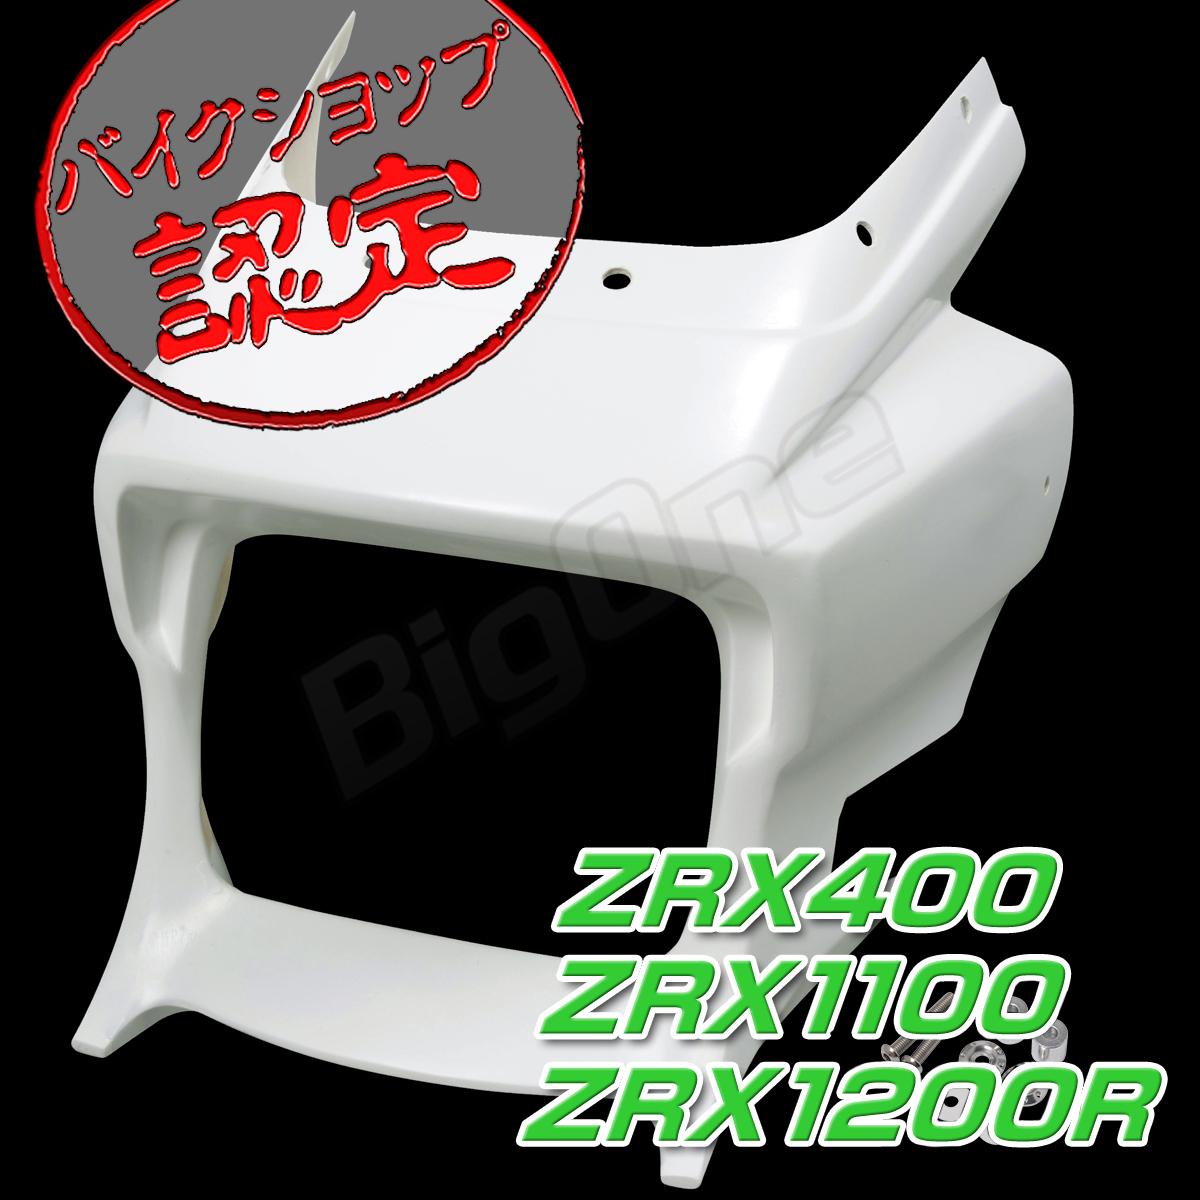 【カウル】ビキニカウル ダエグType ZRX400 ZRX1100 ZRX1200R 用 エアロType ヘットライトカウル ヘッドライトカウル フロントカウル アッパーカウル